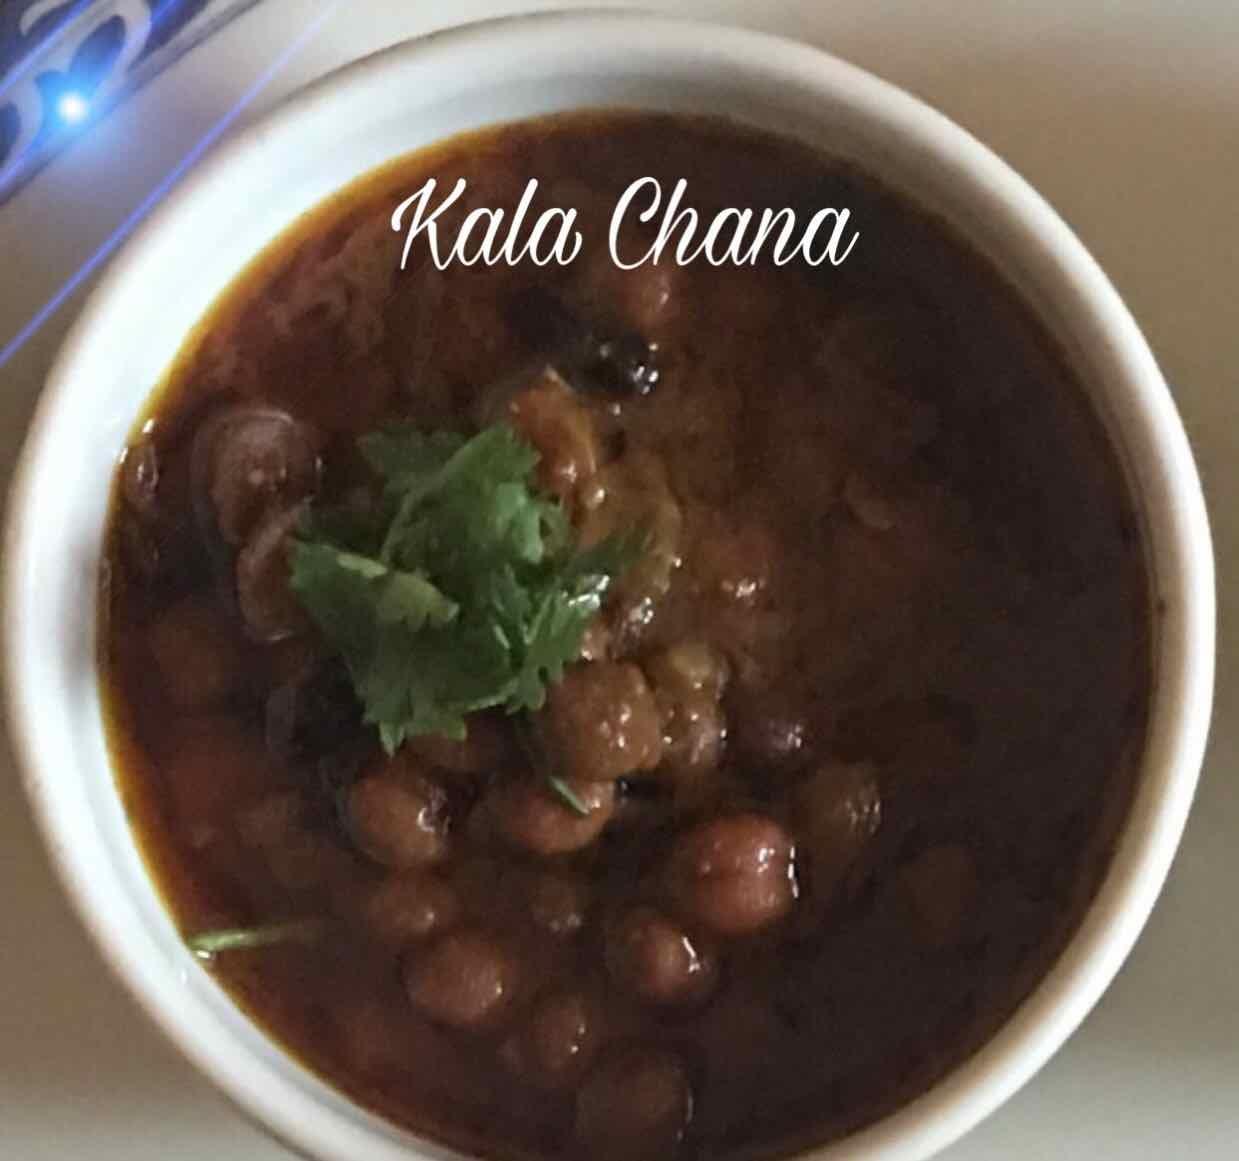 How to make Kala chana